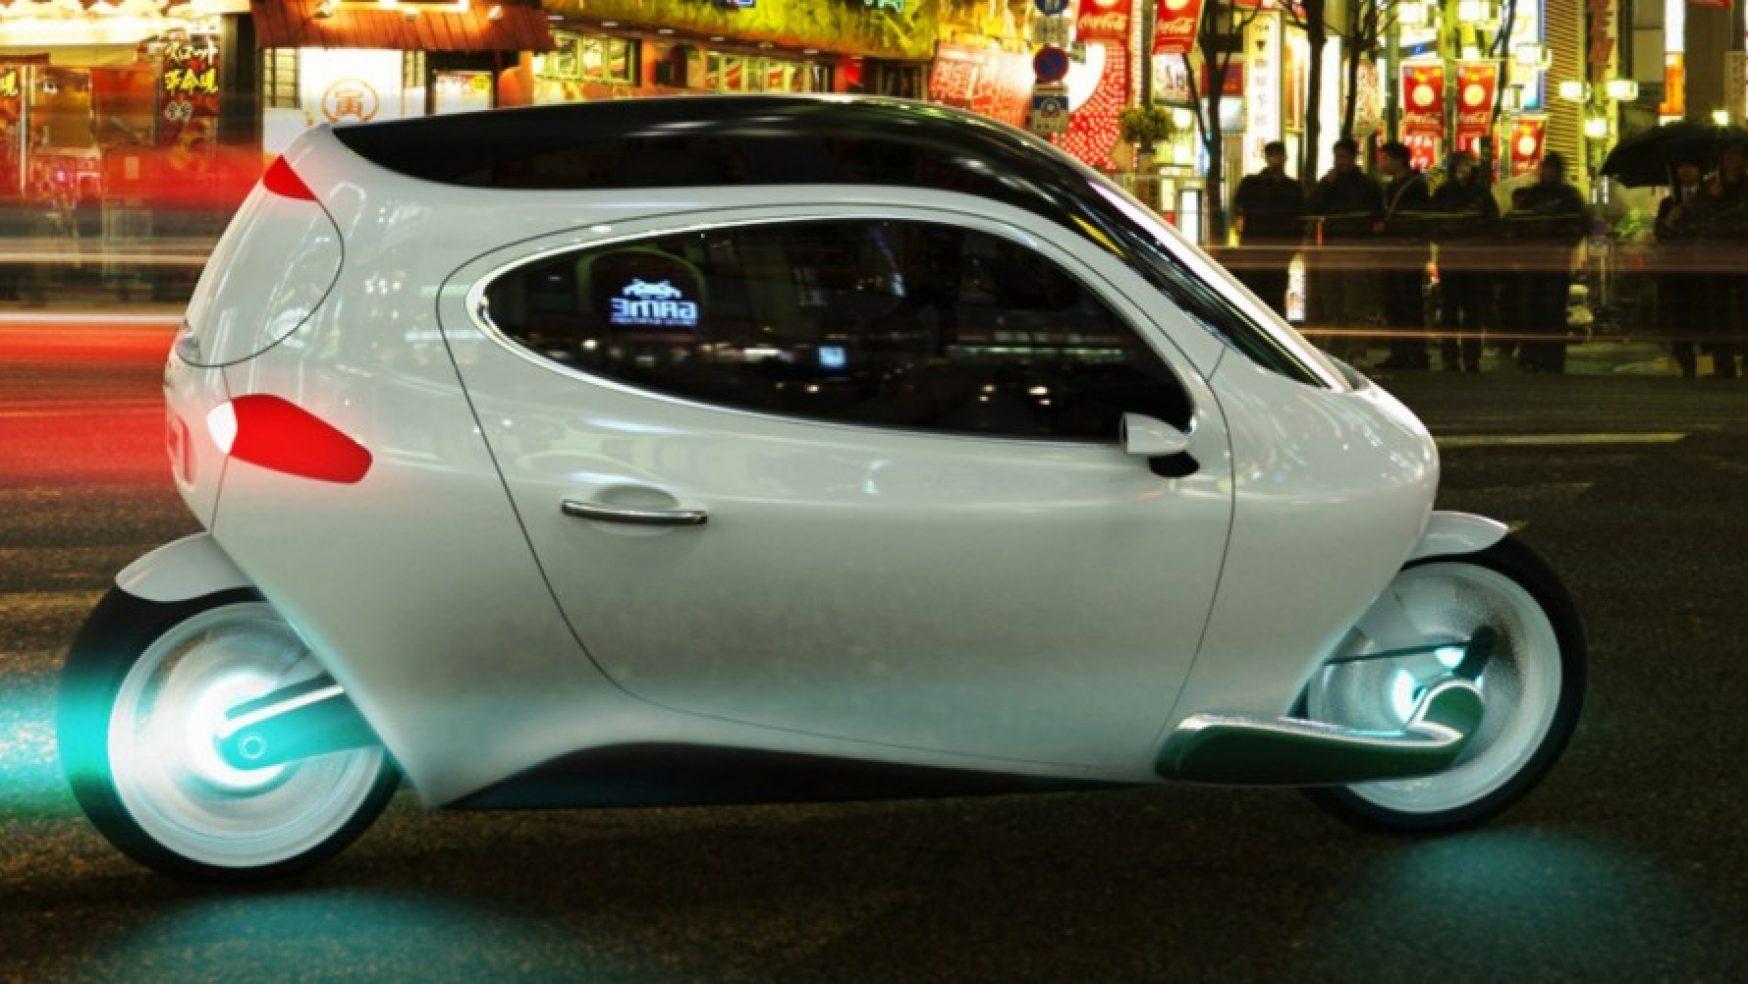 ¡La Moto del Futuro!